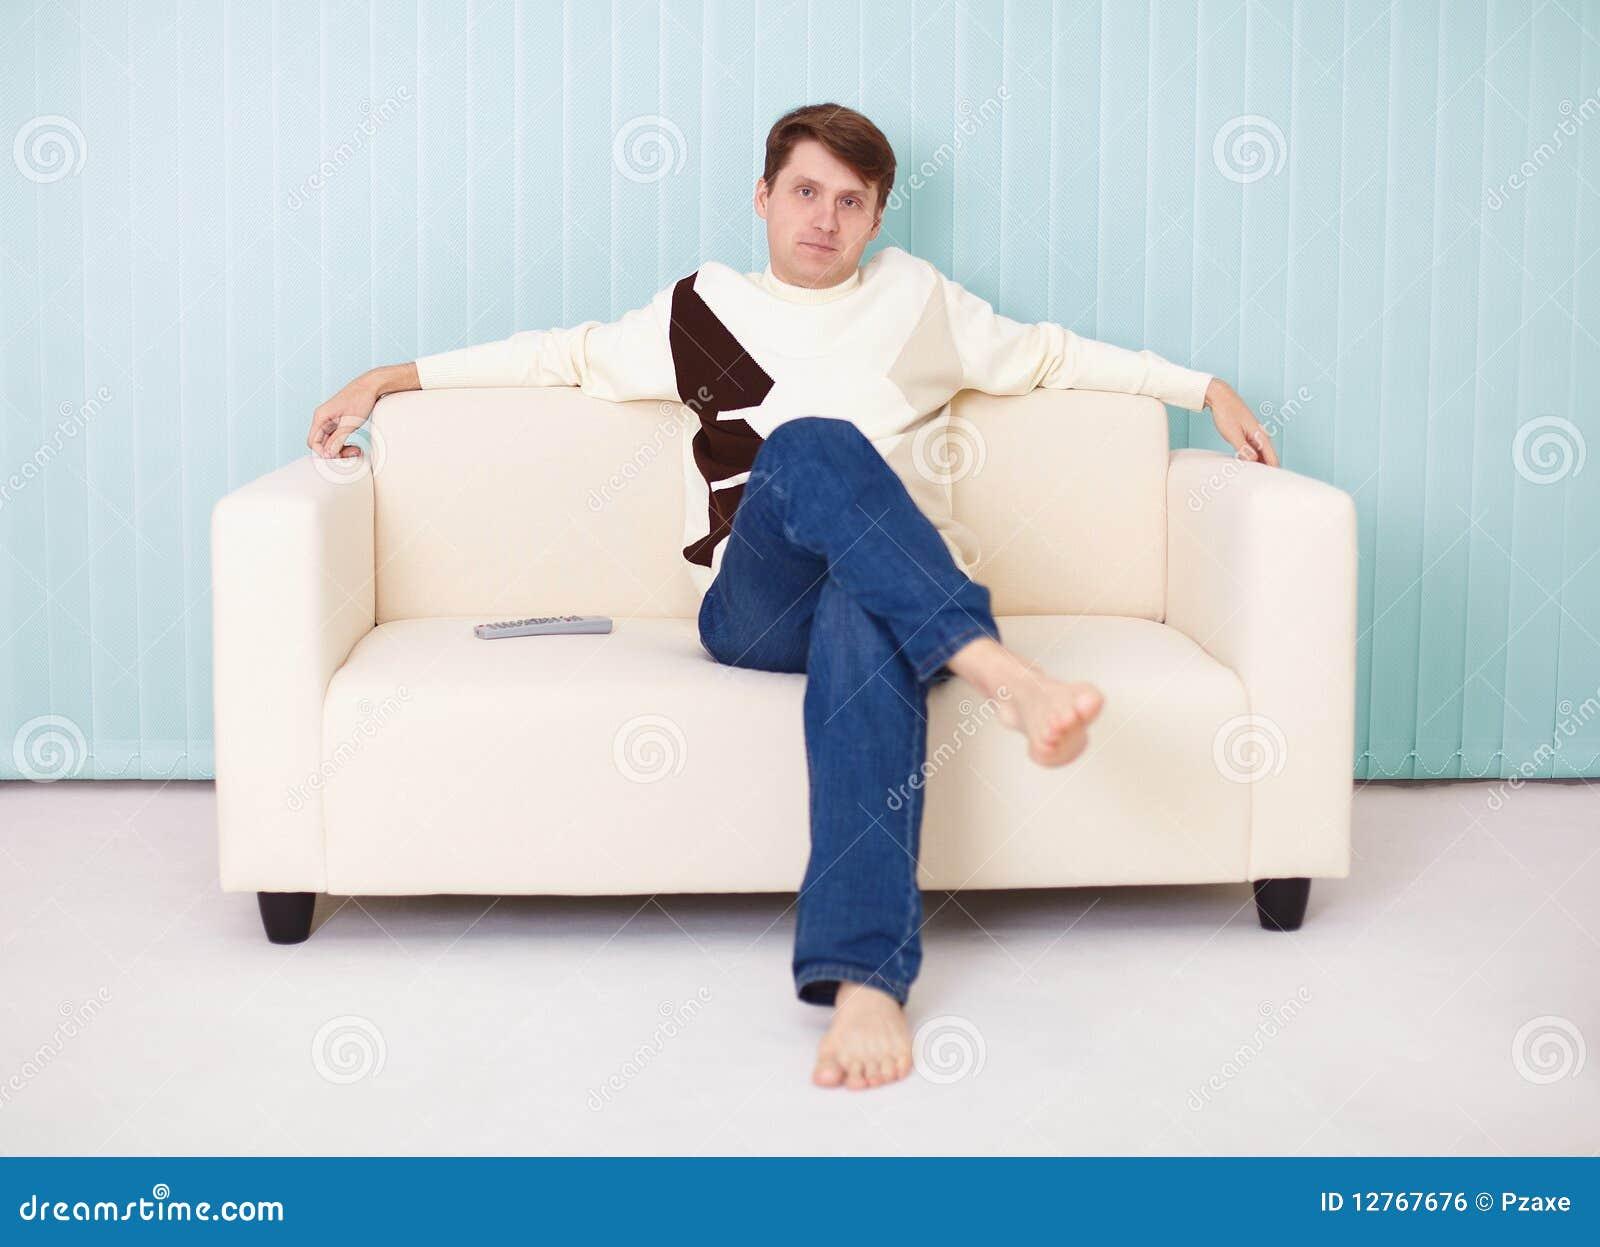 Сидя дома на диване для взрослых 6 фотография